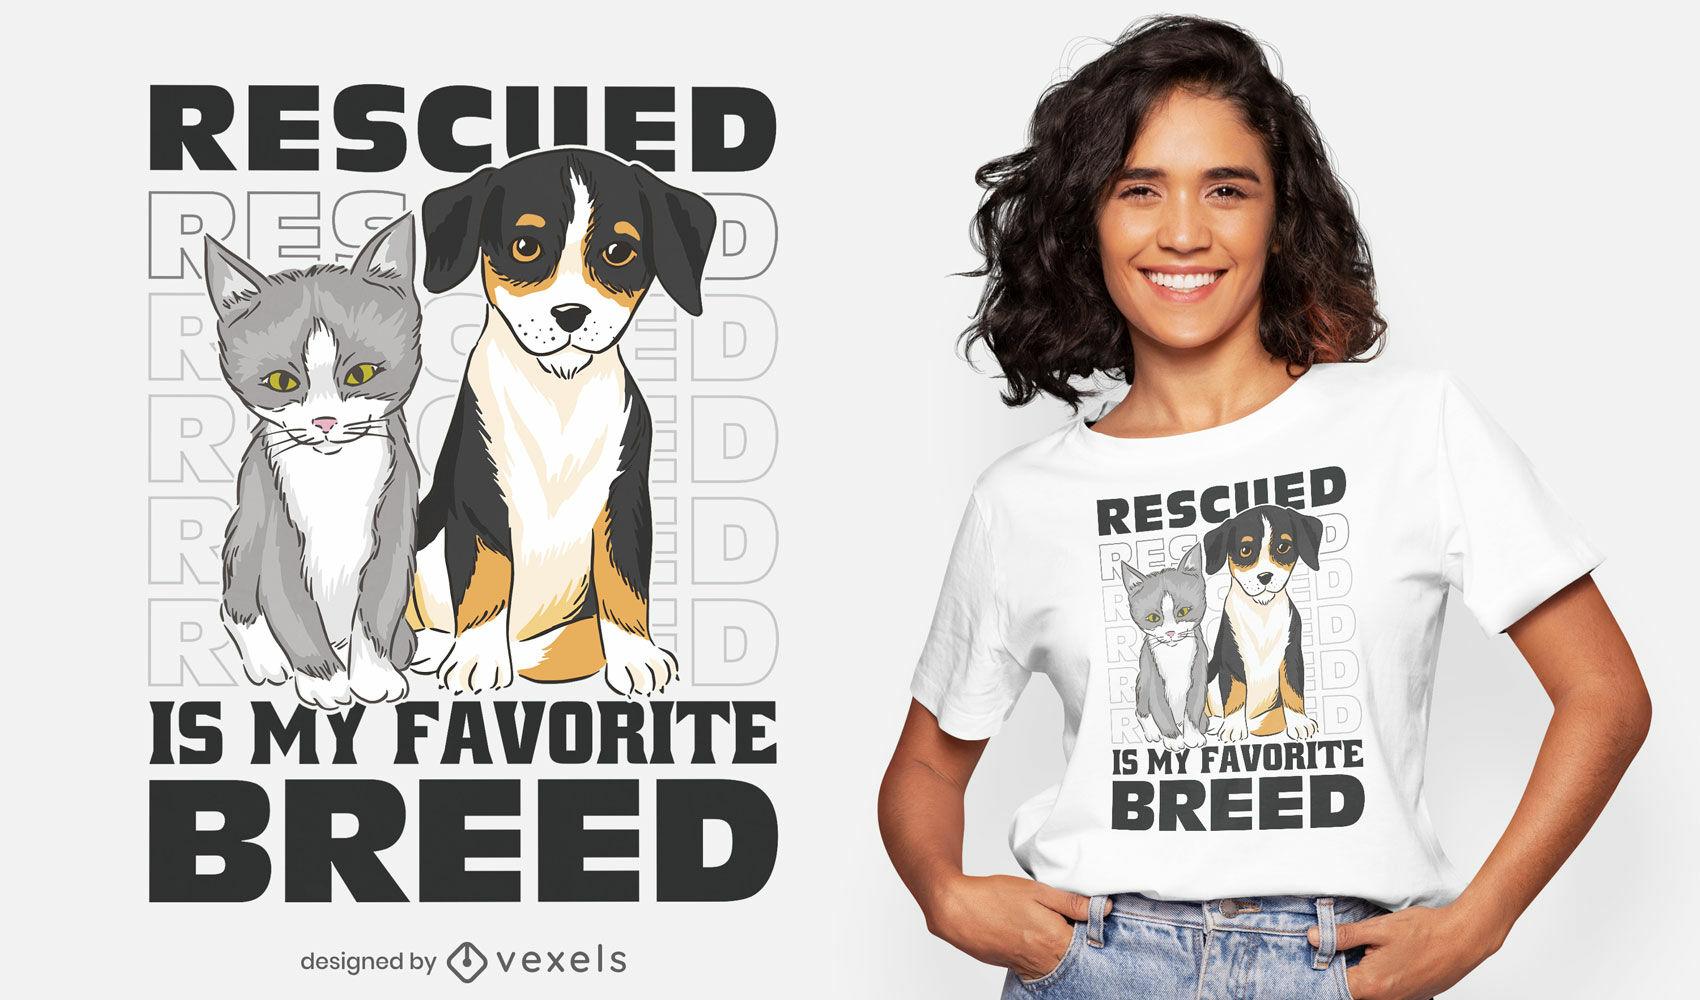 Lindo diseño de camiseta de animales rescatados.